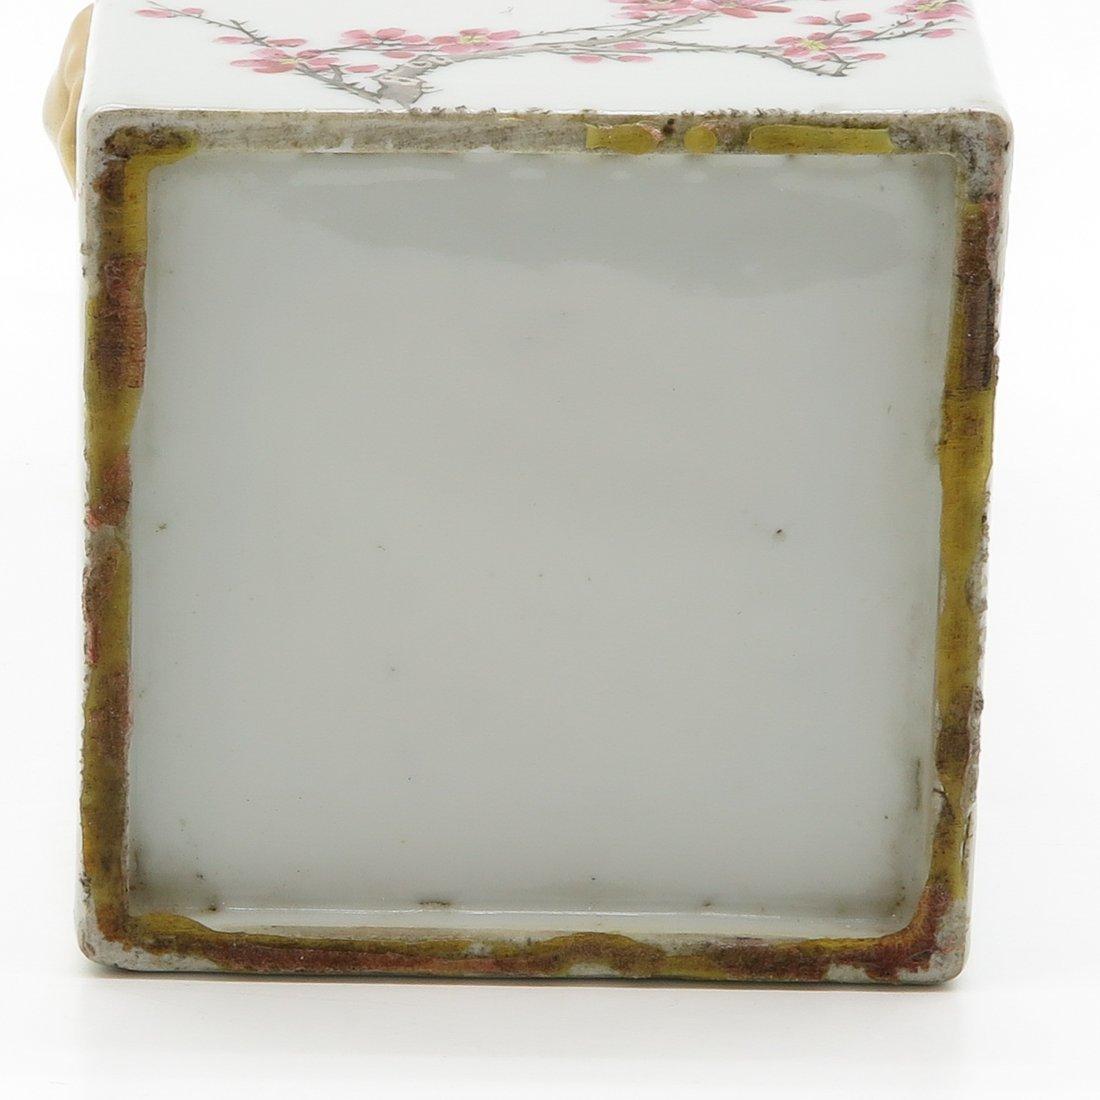 19th Century China Porcelain Vase - 6